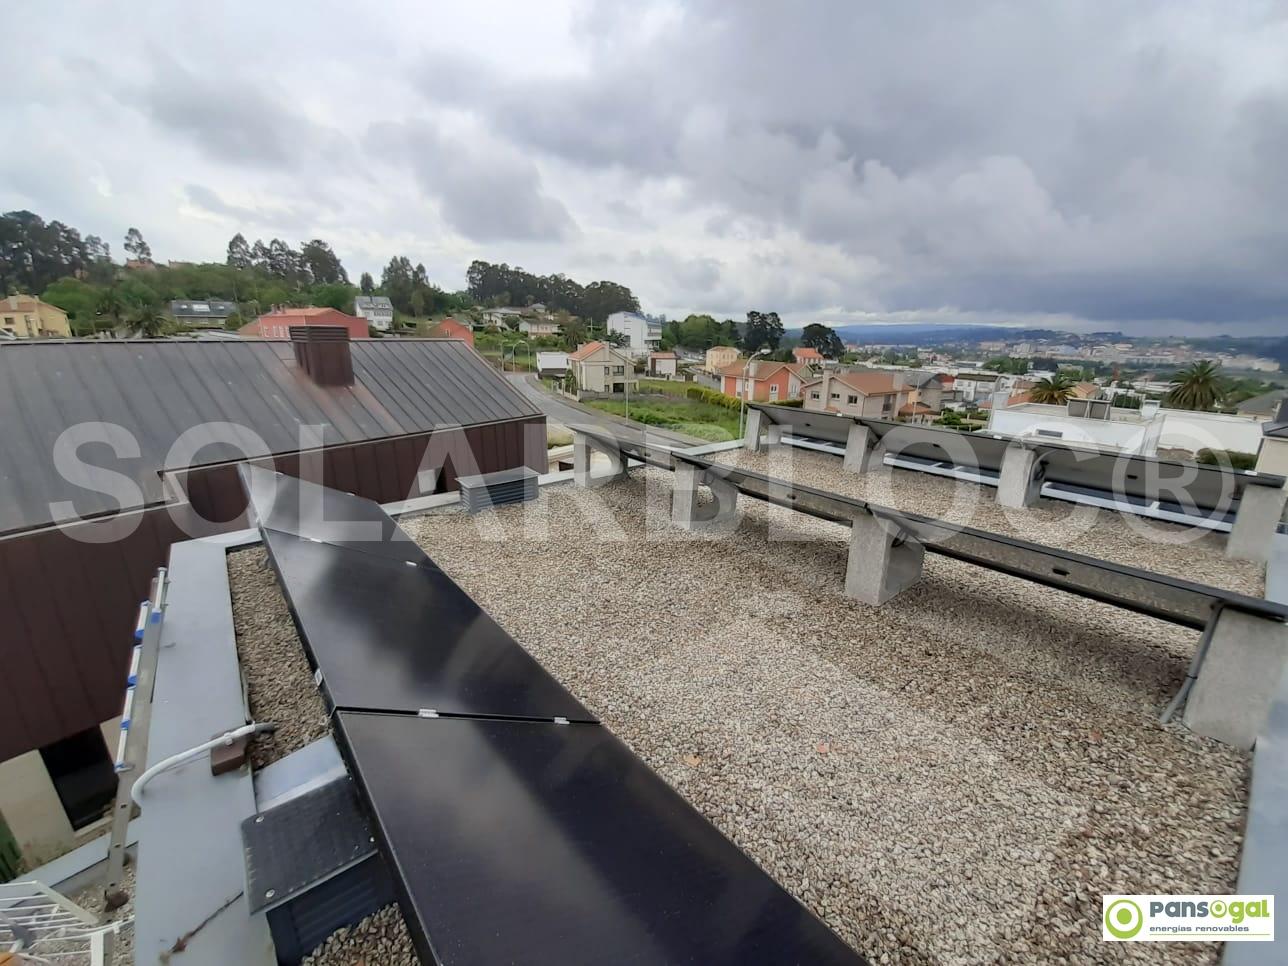 Soporte para placas solares en tejado SOLARBLOC Pansogal